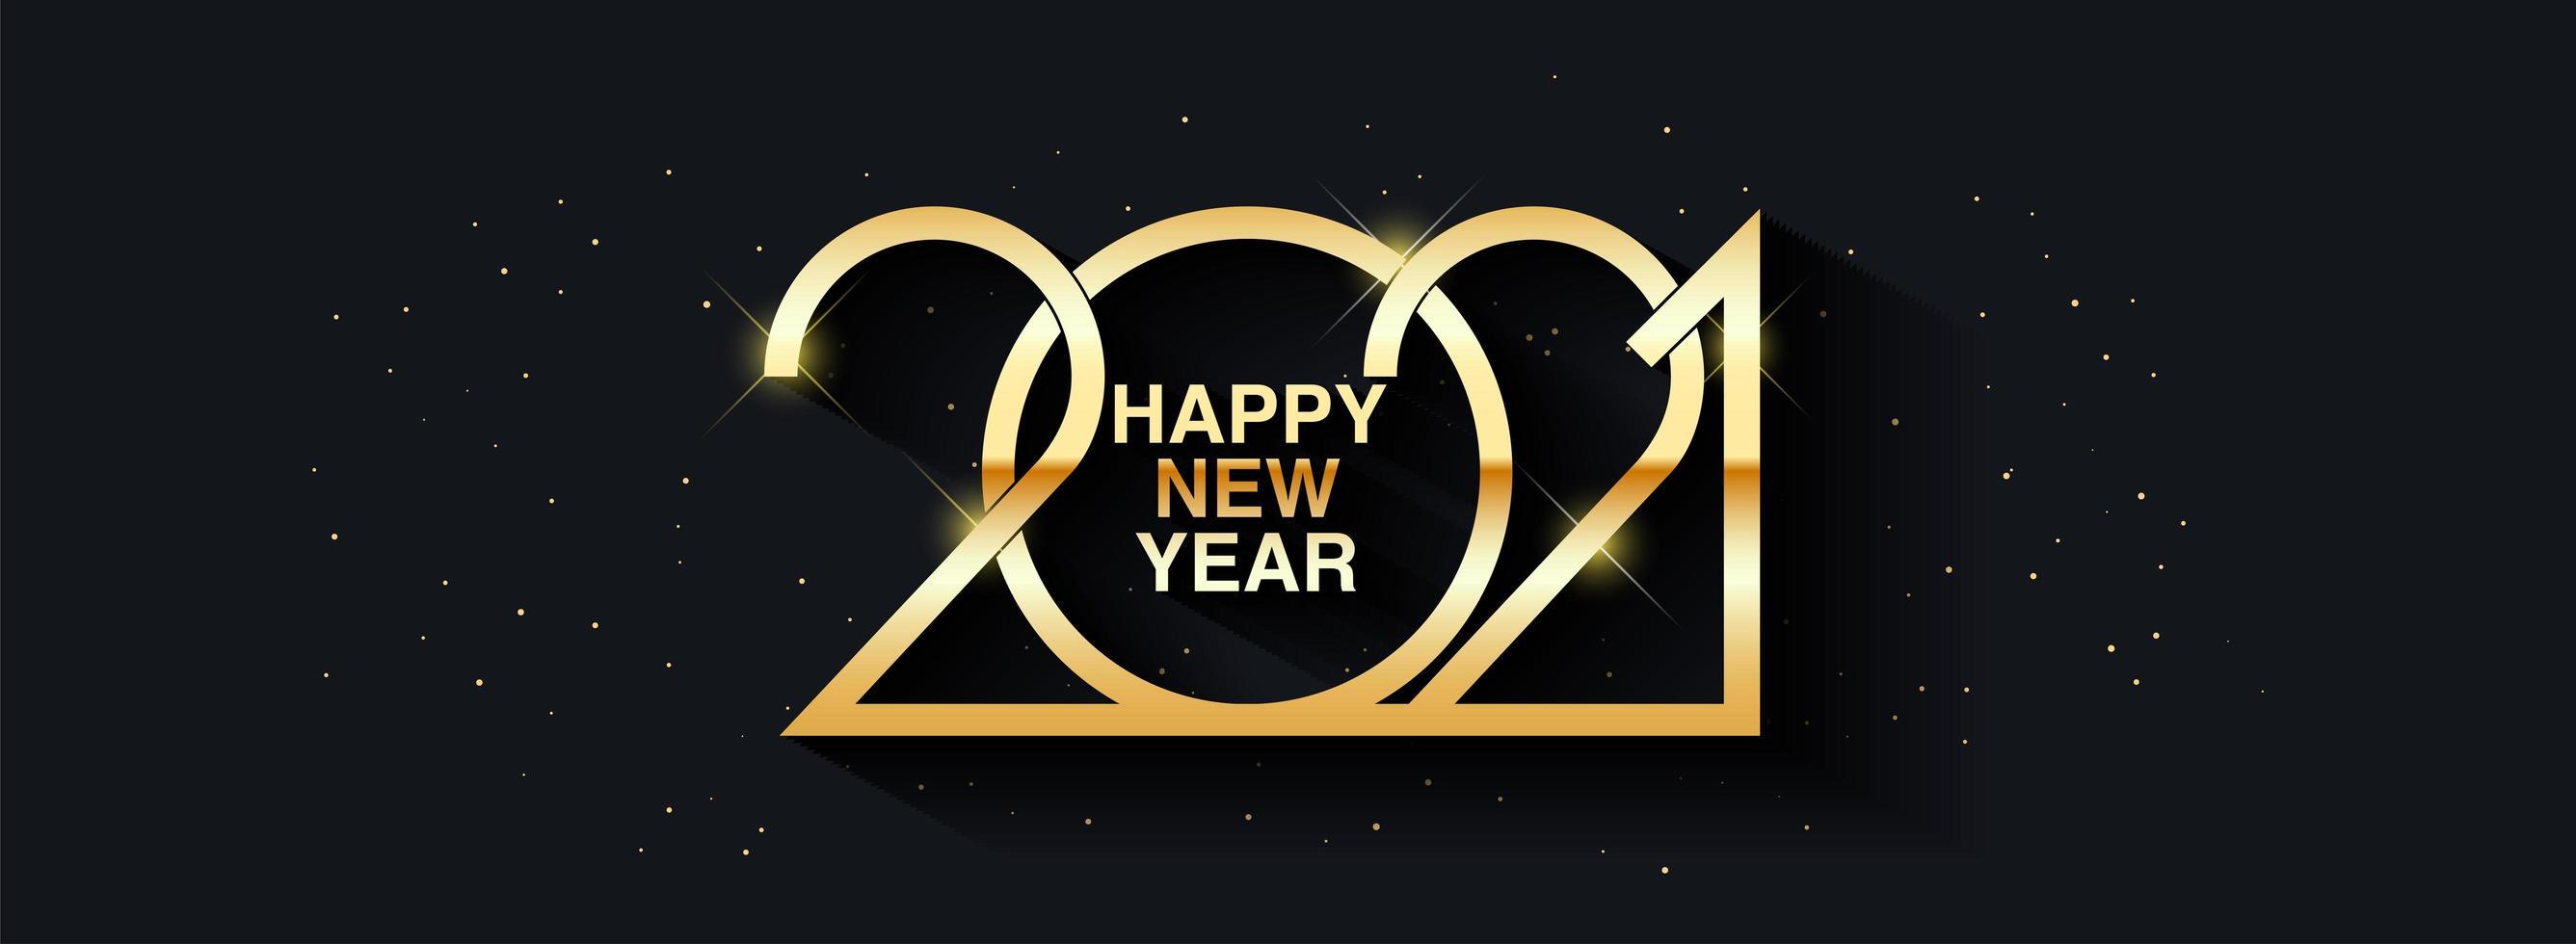 feliz año nuevo 2021 diseño de texto. Ilustración de saludo de vector con números de oro.